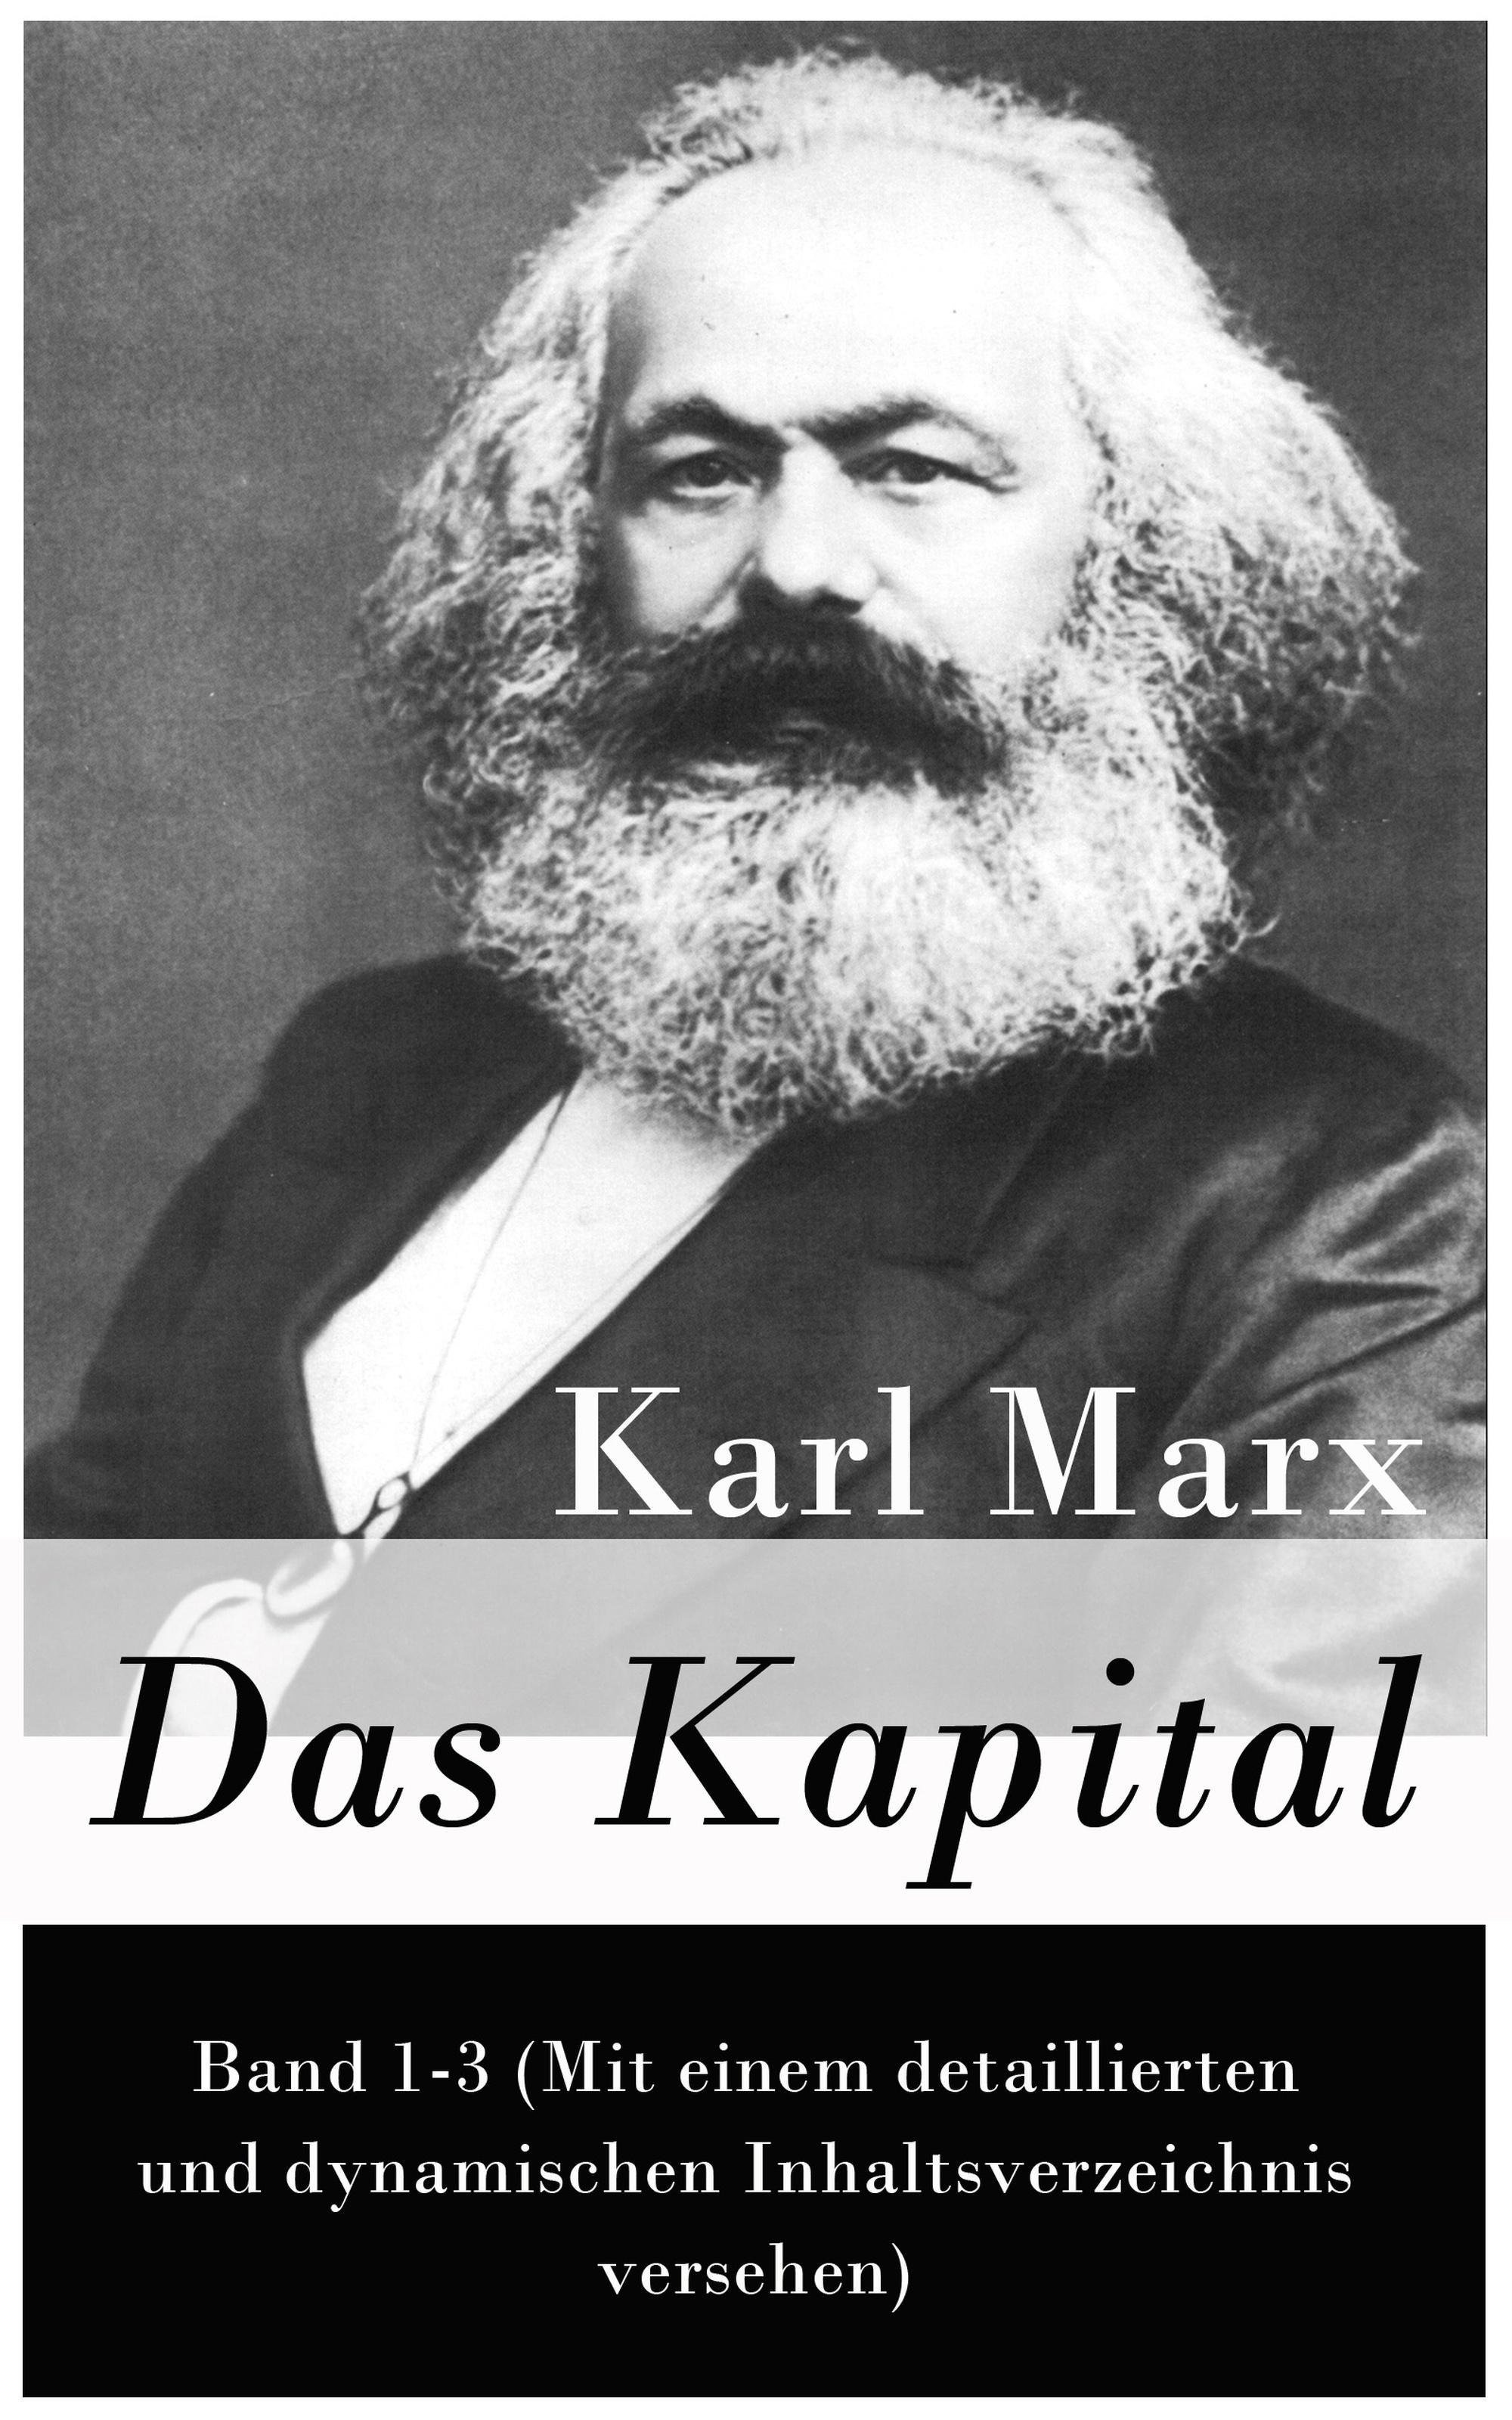 Karl Marx Das Kapital: Band 1-3 (Mit einem detaillierten und dynamischen Inhaltsverzeichnis versehen)